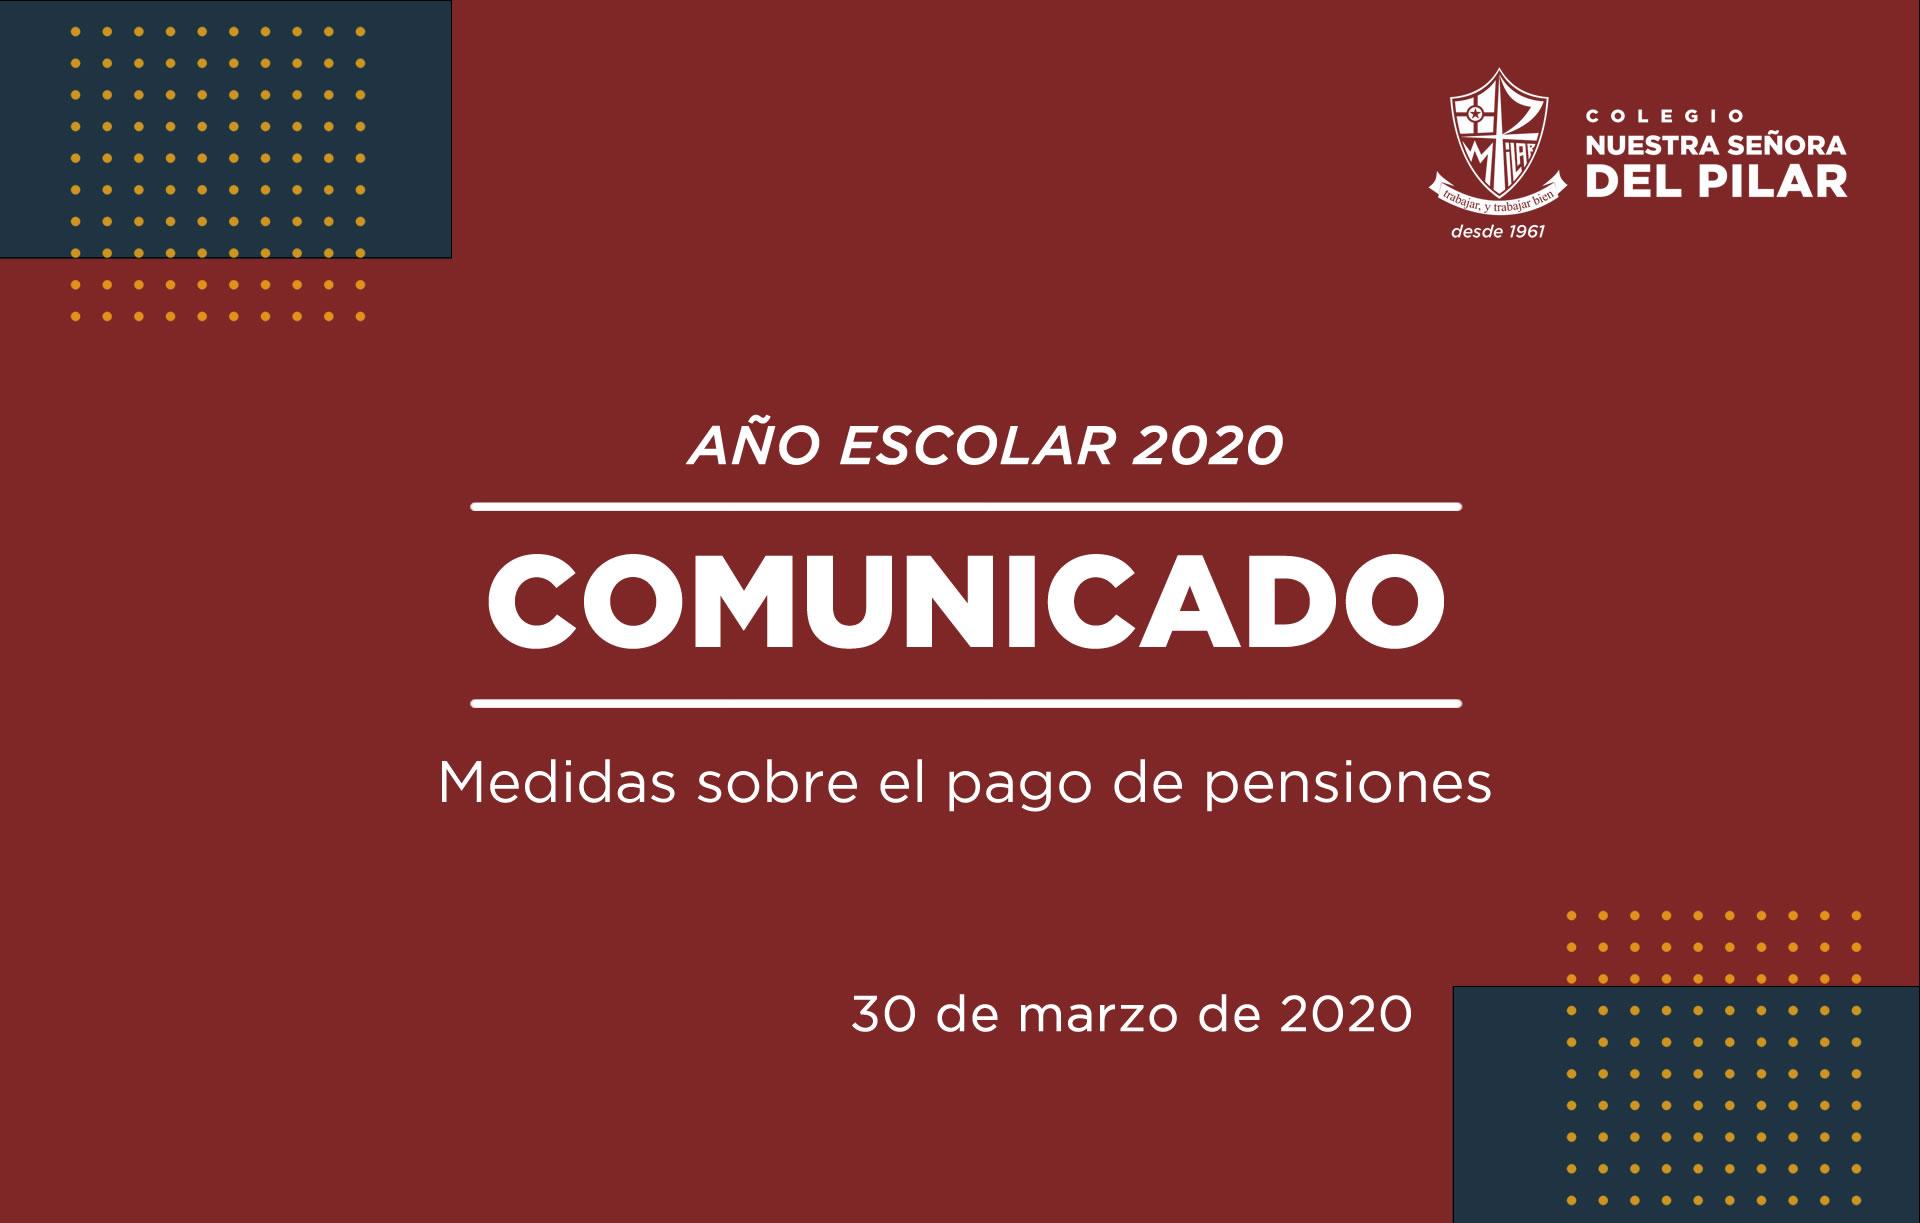 Medidas sobre el pago de pensiones educativas 2020